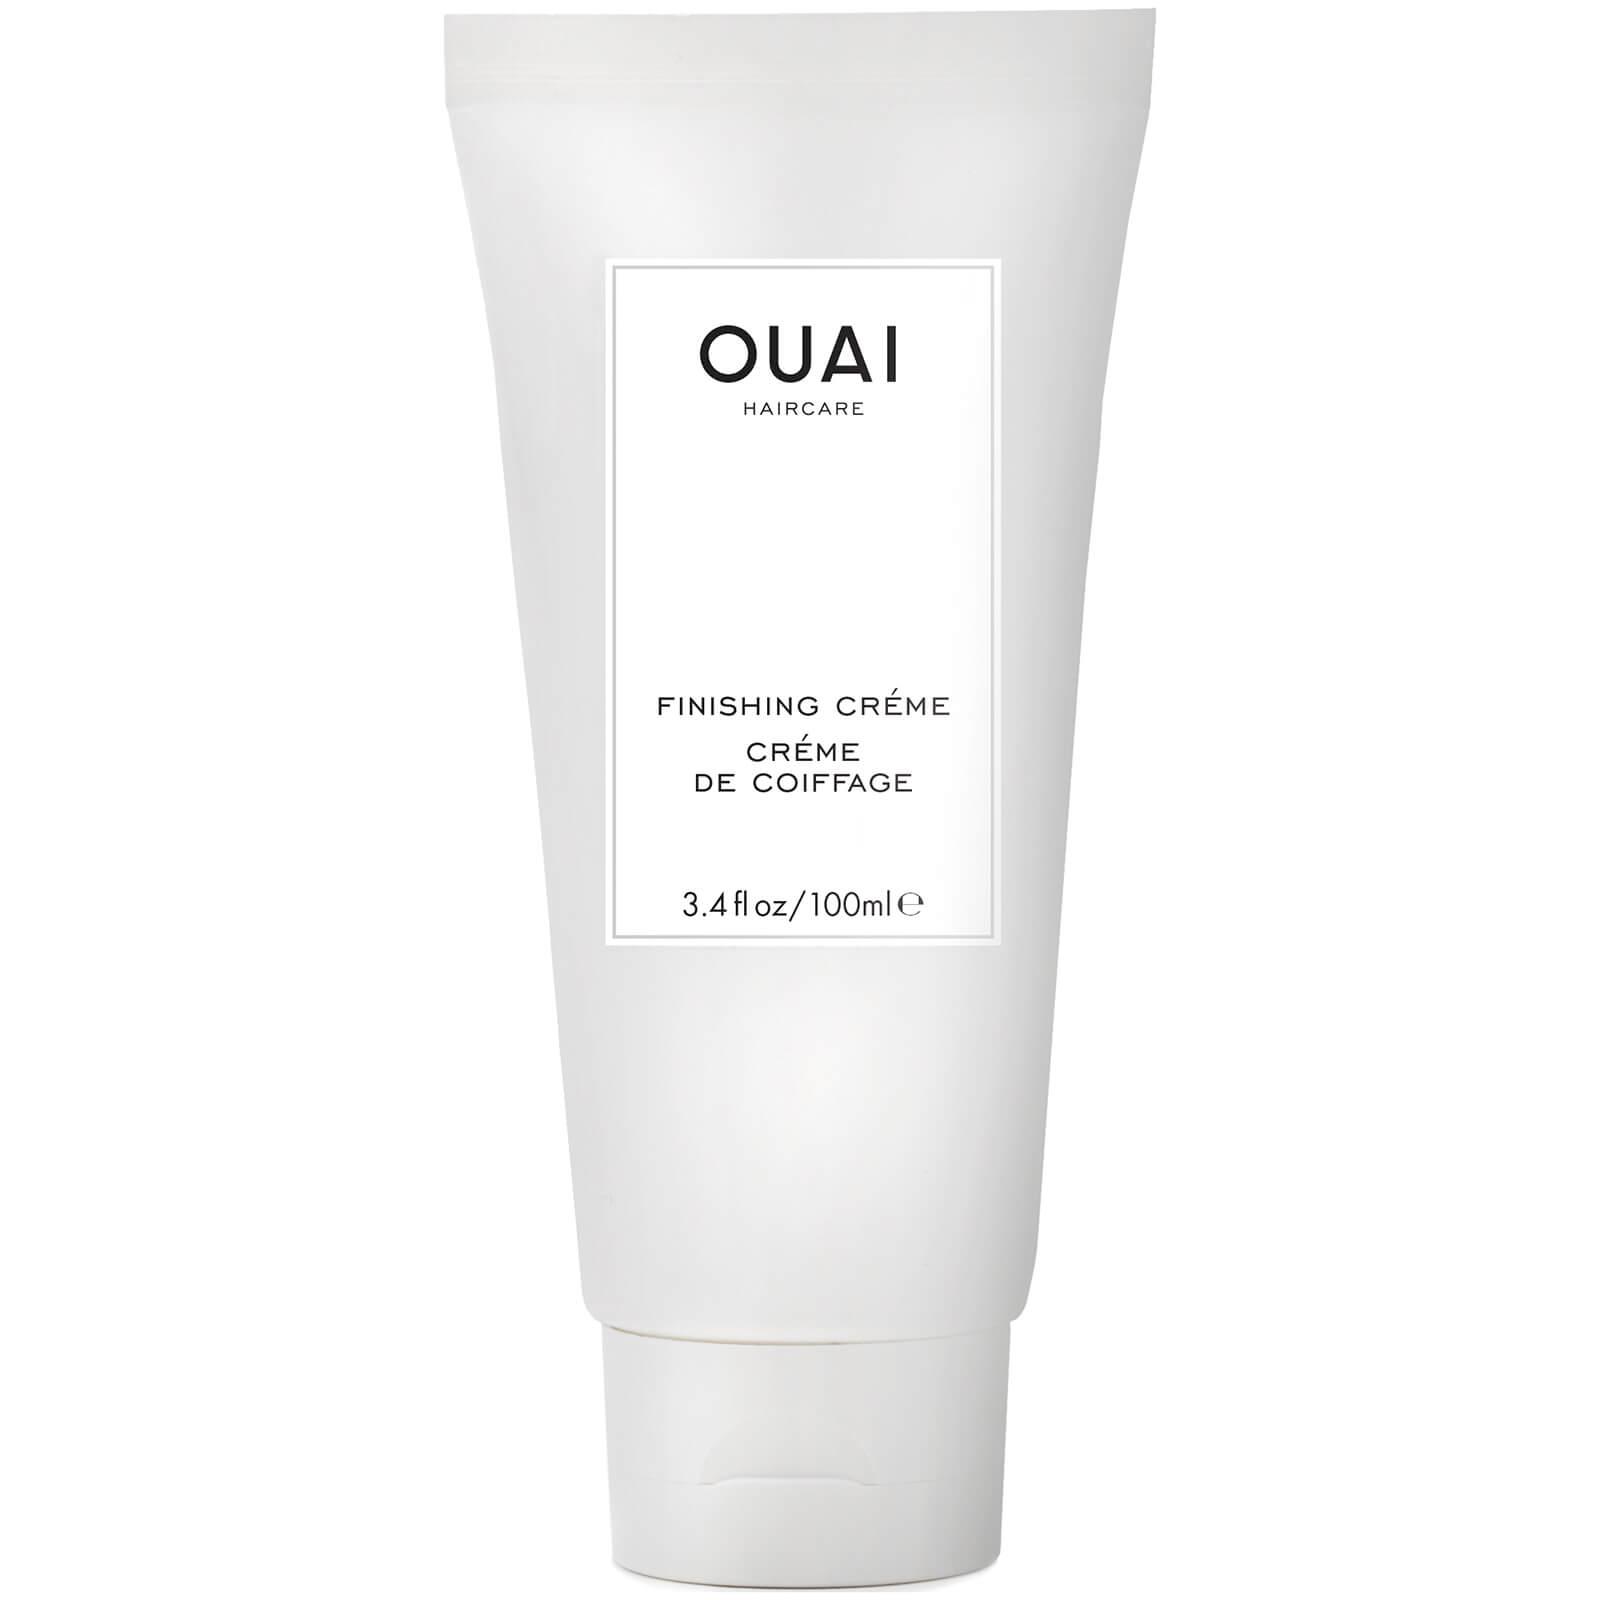 Купить Крем для укладки OUAI Finishing Crème 100 мл